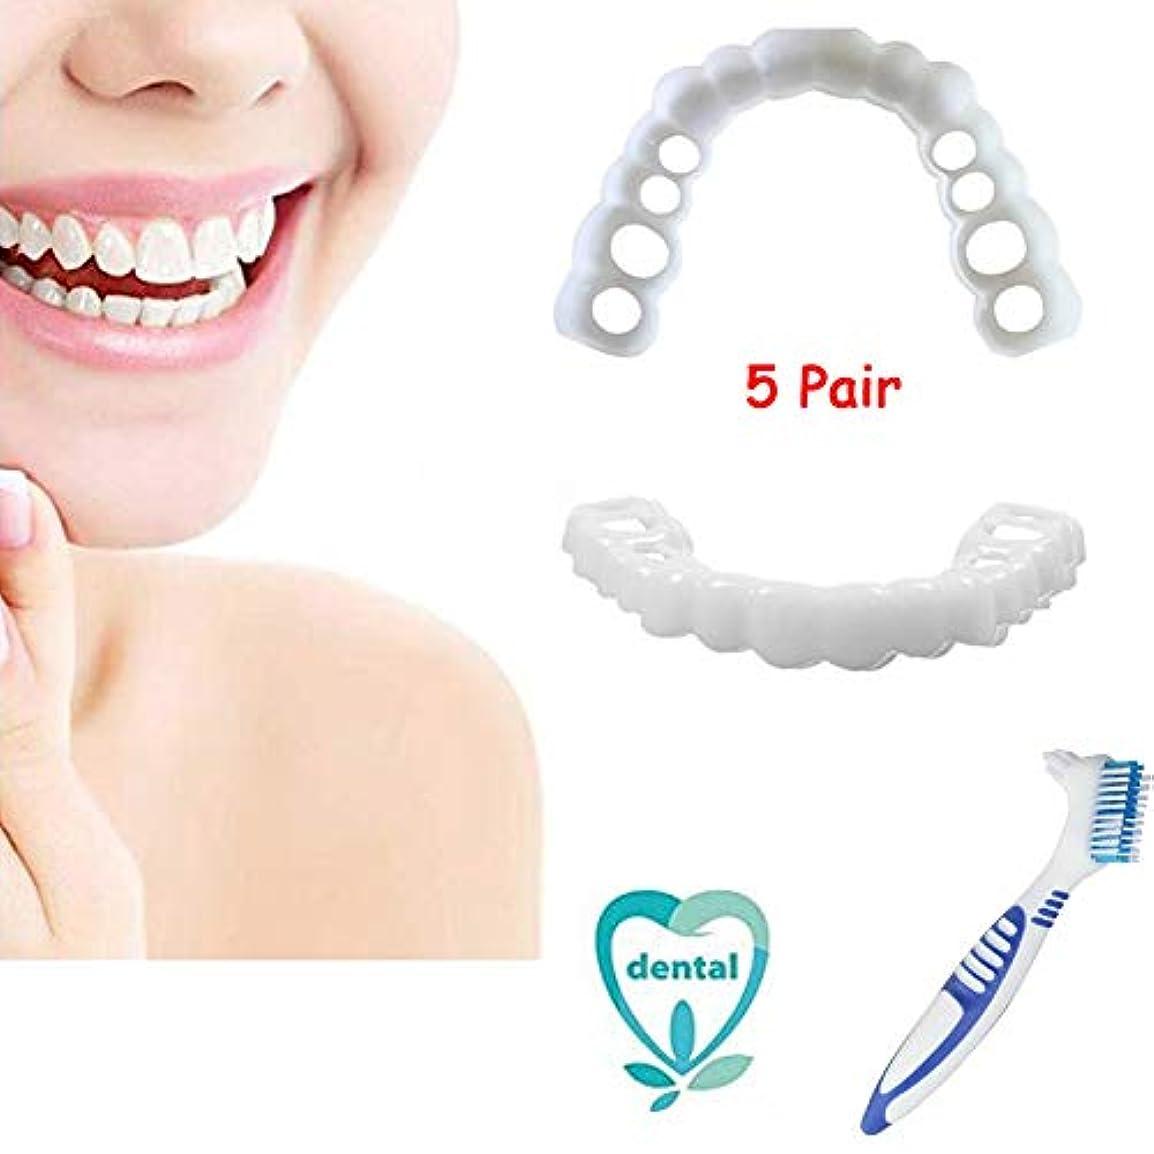 古くなったの量難しいパーフェクトスマイルホワイトニング義歯フィットフレックス化粧品の歯に5Pair再利用可能な大人のスナップ快適なベニヤカバーデンタルケアアクセサリー